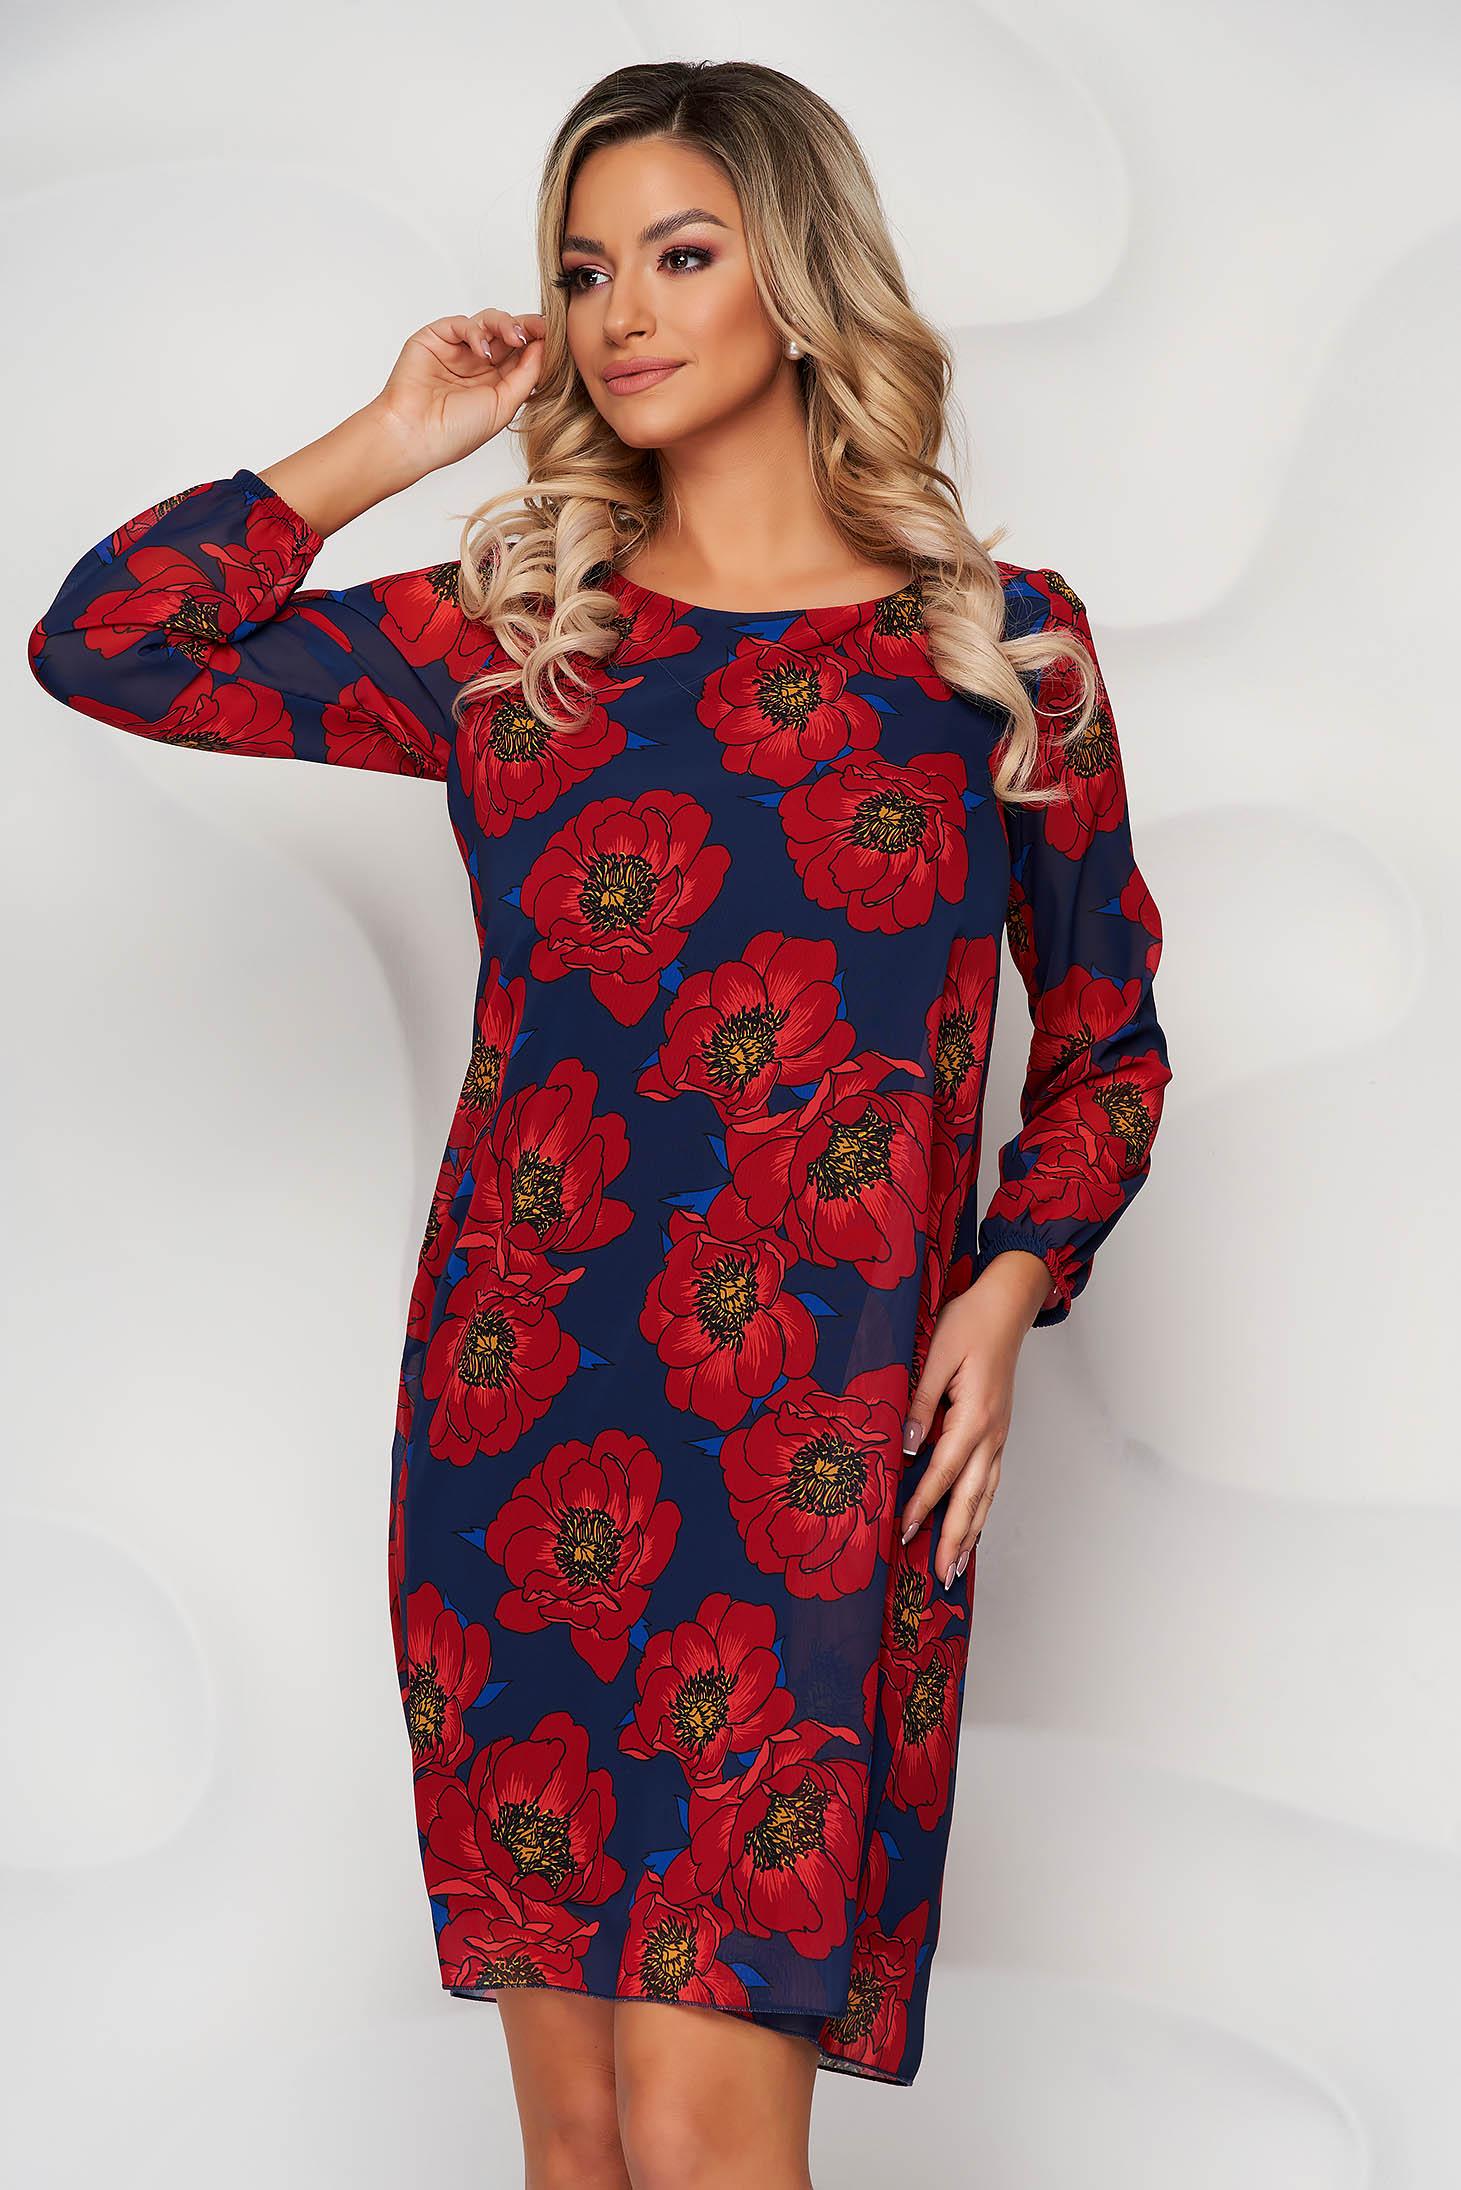 Rochie rosie scurta eleganta cu croi in a cu maneci trei-sferturi decolteu la baza gatului si imprimeu floral